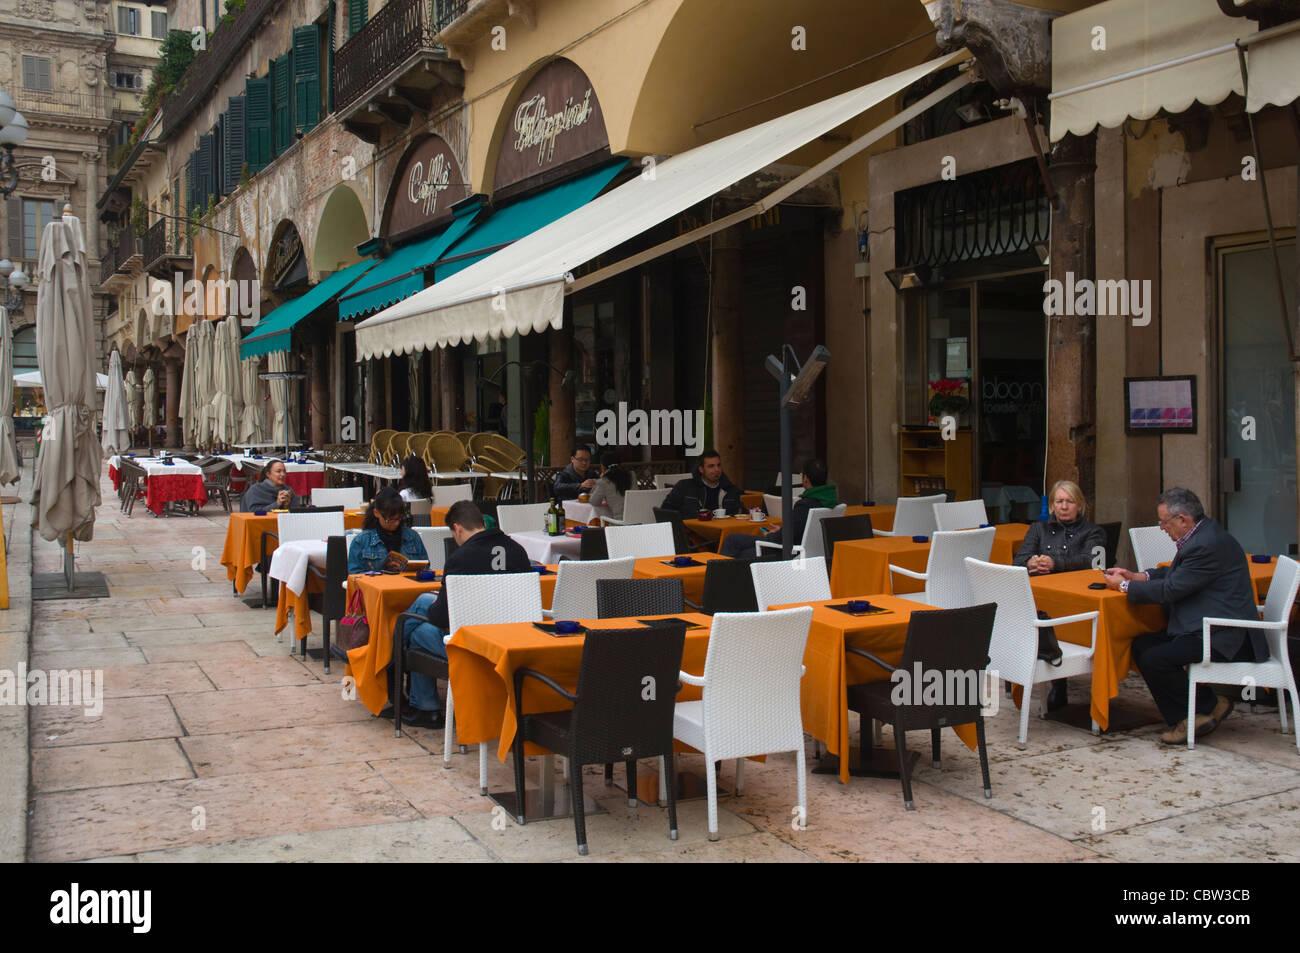 Piazza Delle Erbe Altstadt Verona Venetien Region Nord Italien Europa Stockbild